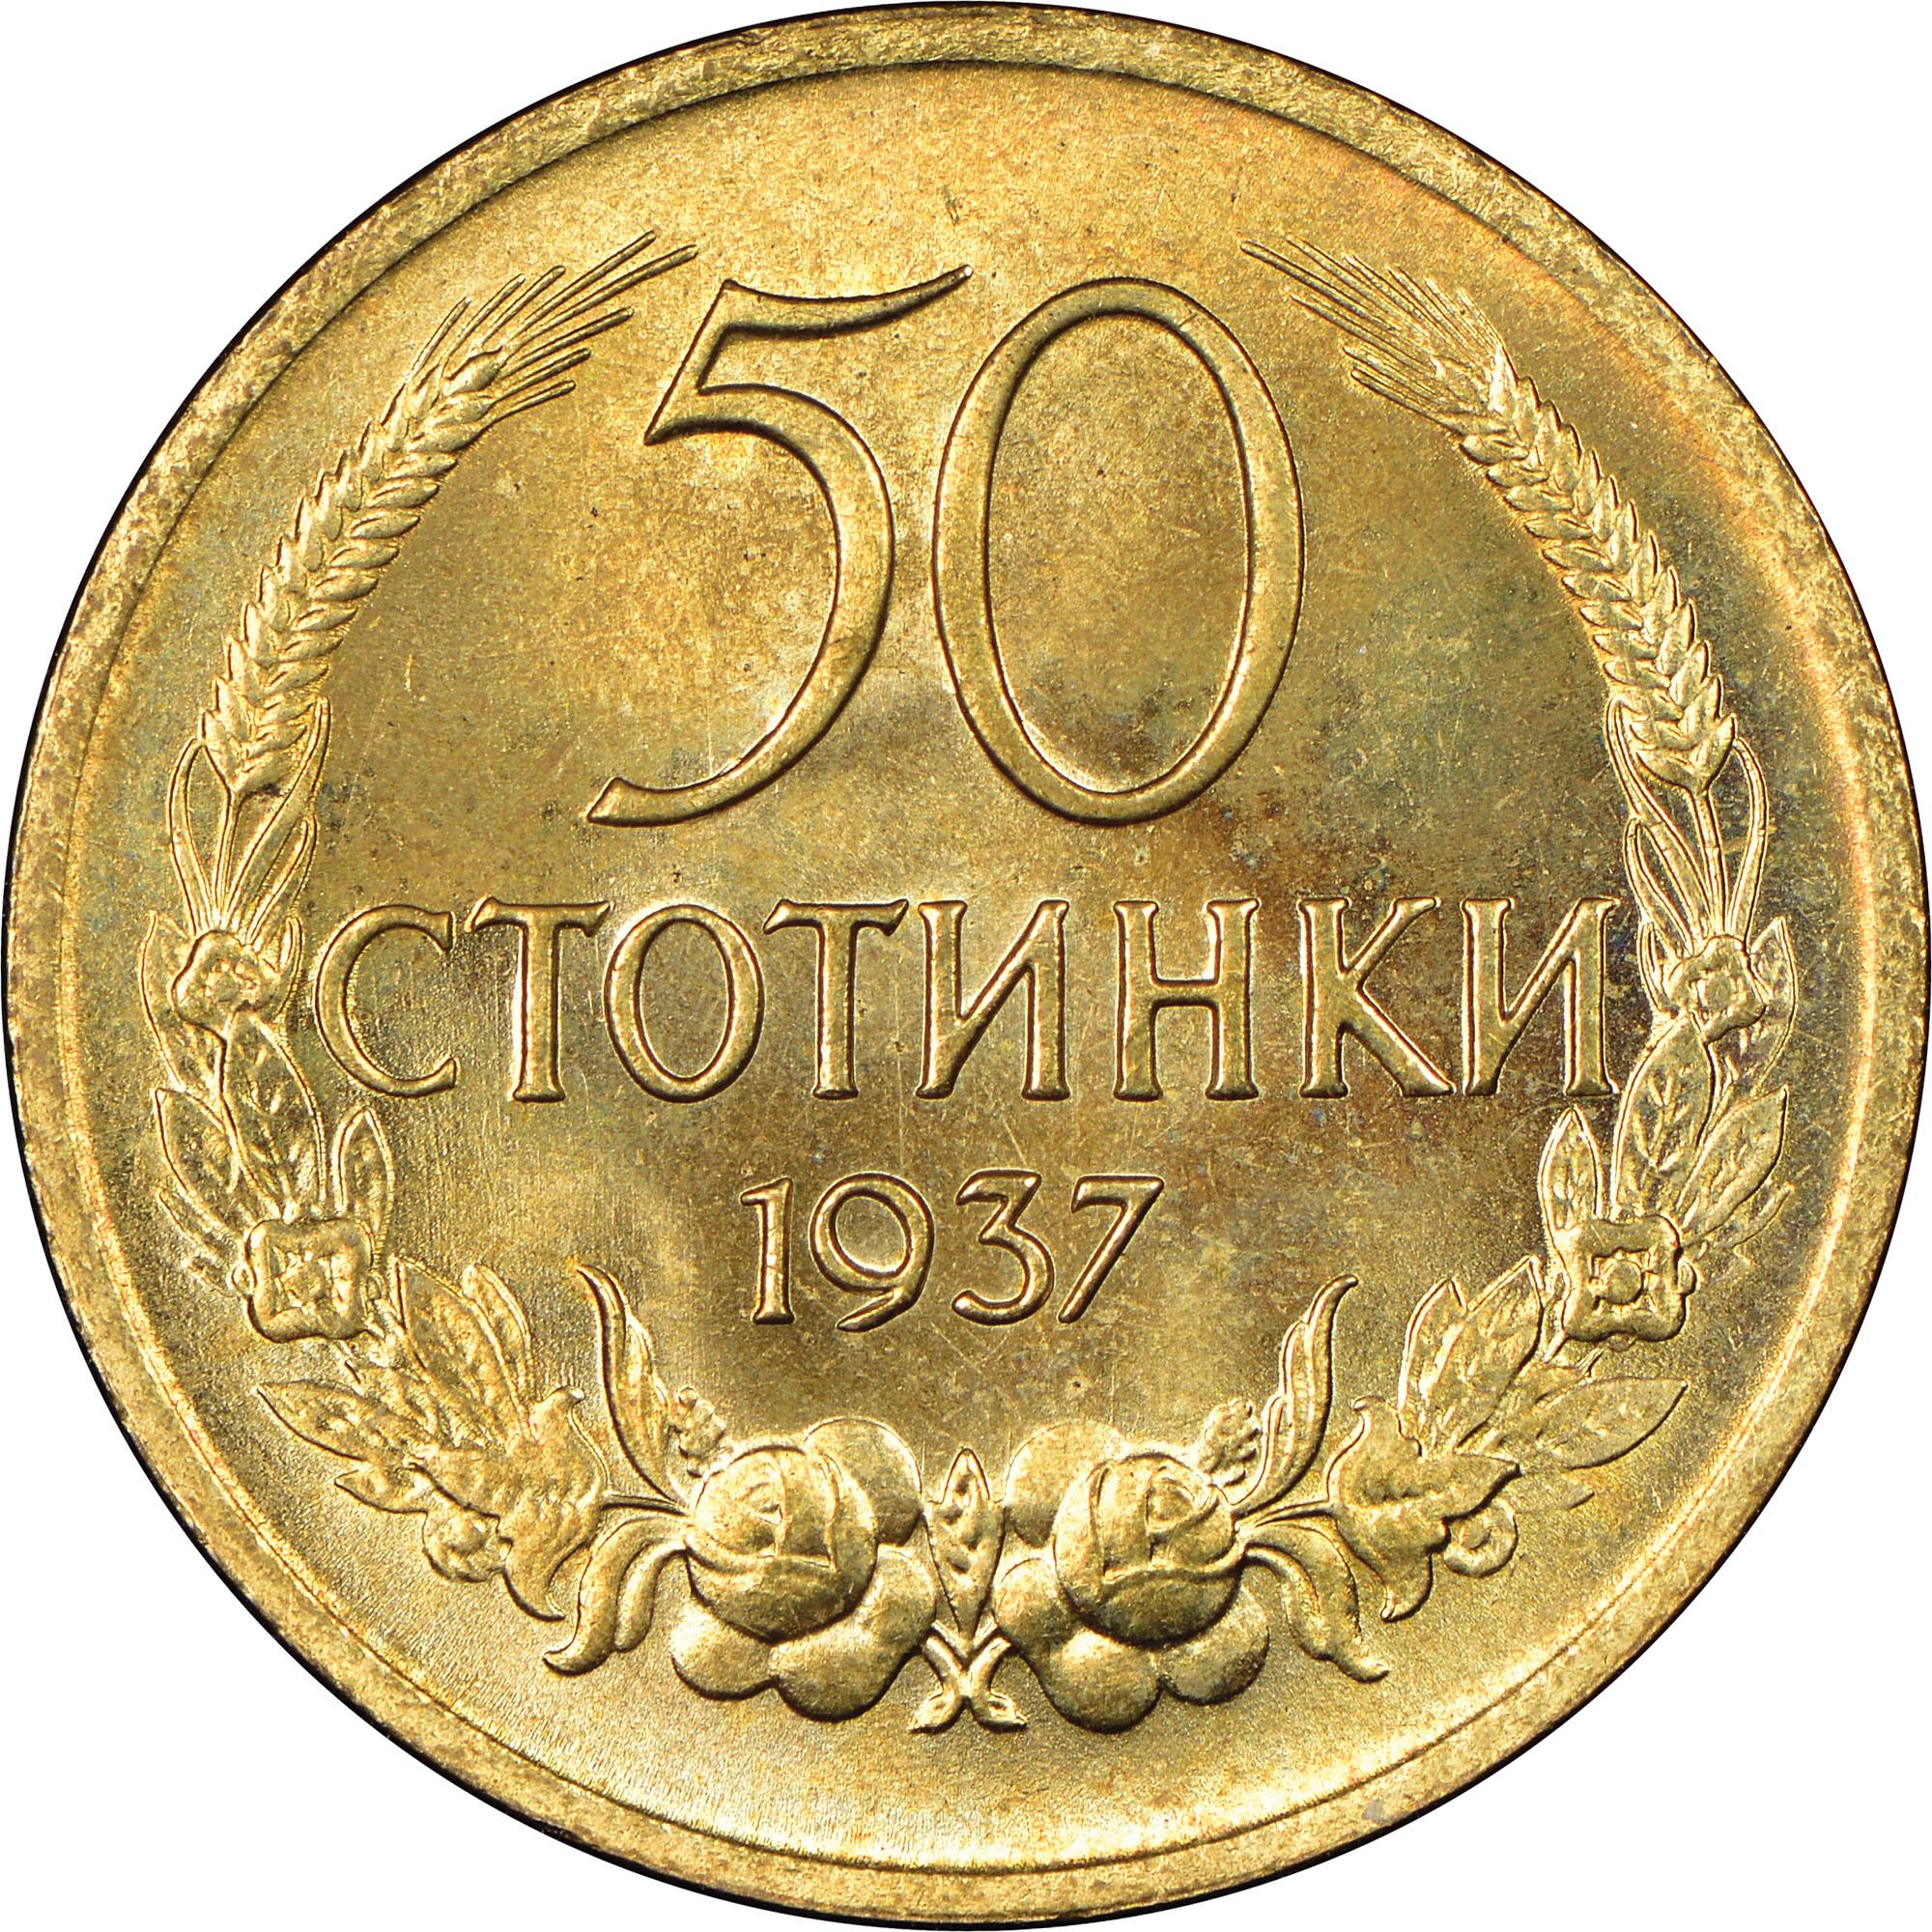 1937 Bulgaria 50 Stotinki reverse